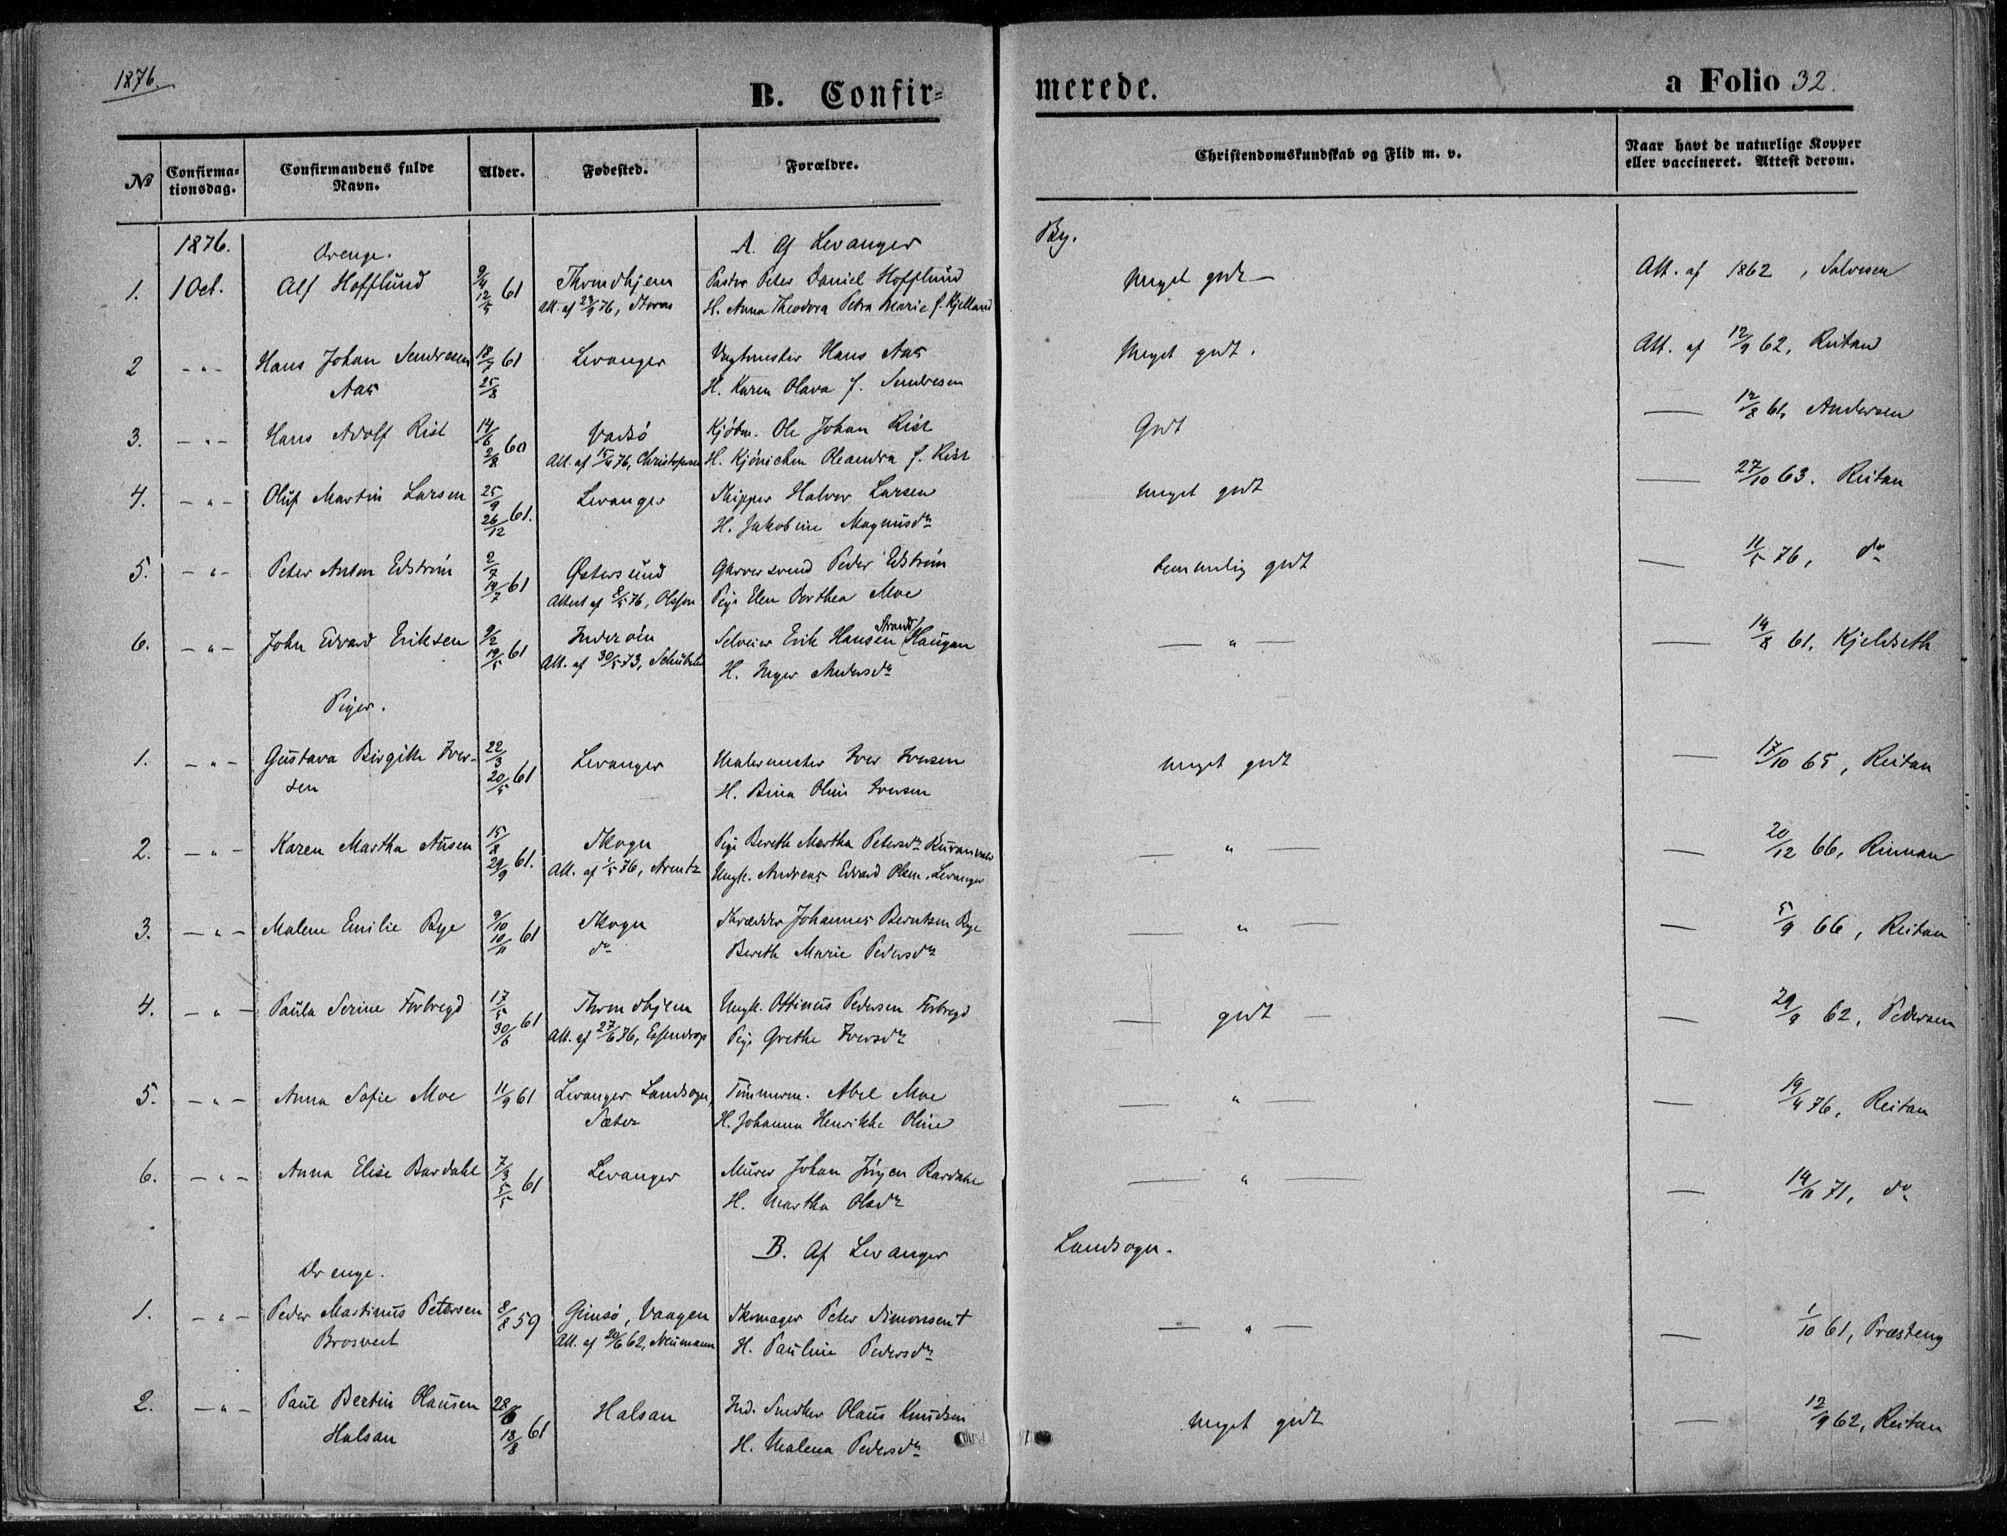 SAT, Ministerialprotokoller, klokkerbøker og fødselsregistre - Nord-Trøndelag, 720/L0187: Ministerialbok nr. 720A04 /1, 1875-1879, s. 32